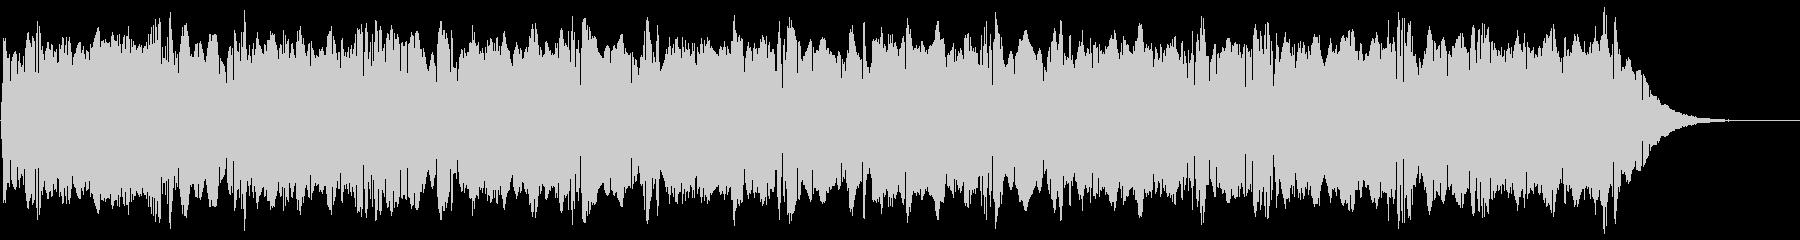 ライトセーバー音 ロング版 ブーン 光剣の未再生の波形